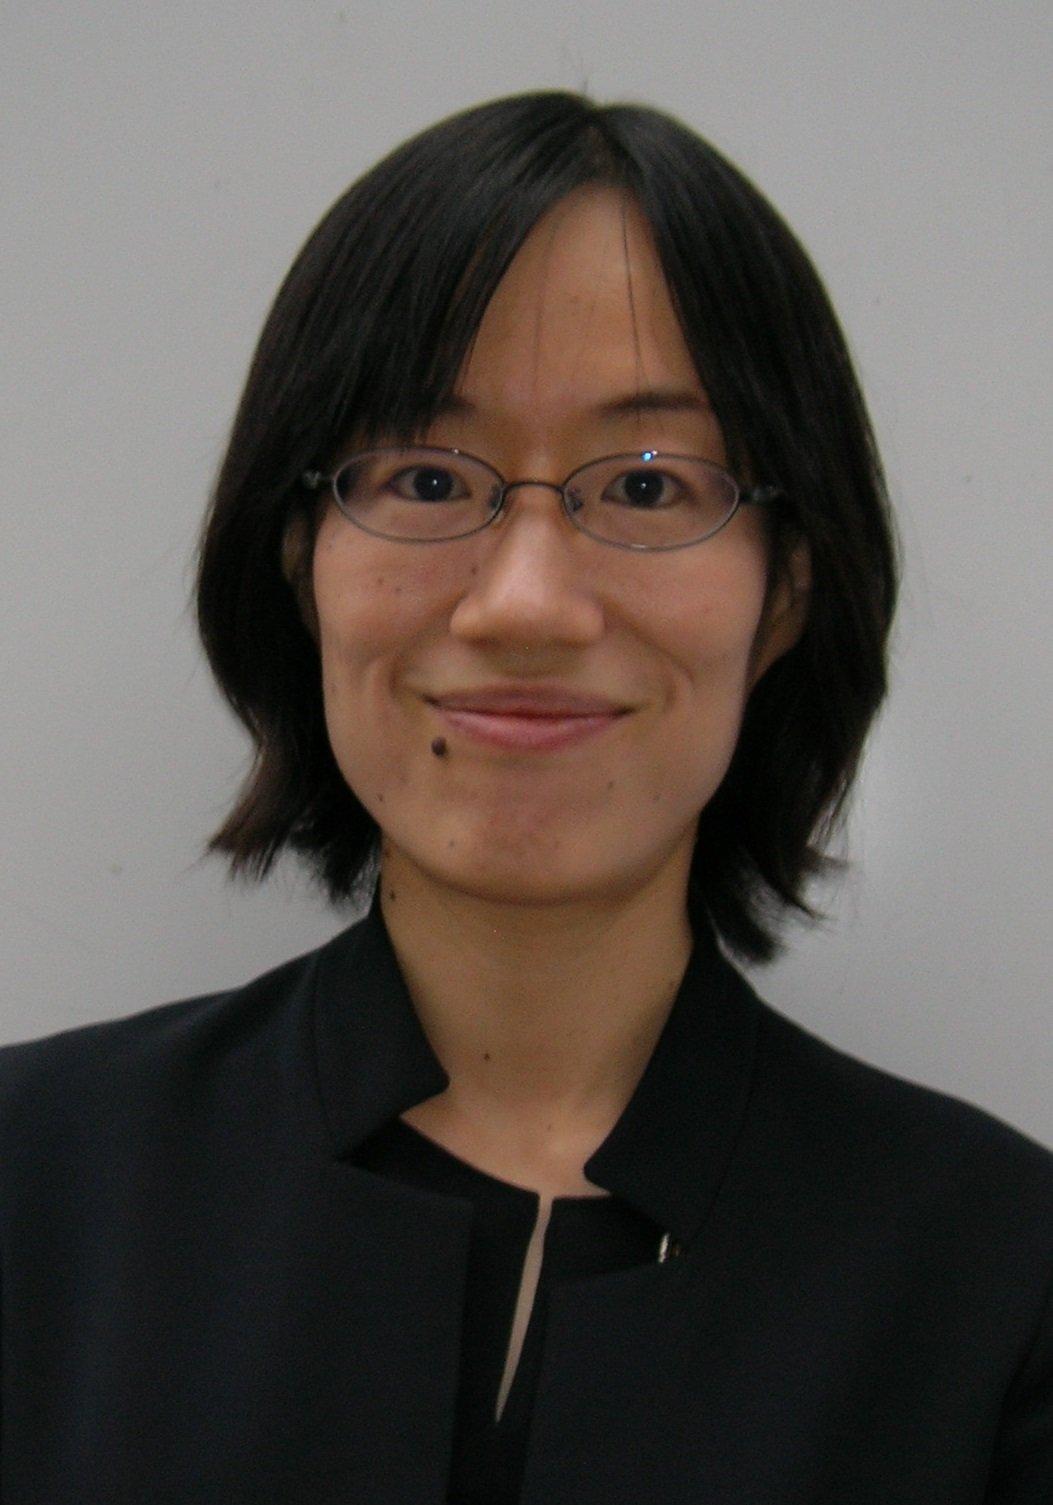 Photo of Rieko Kage